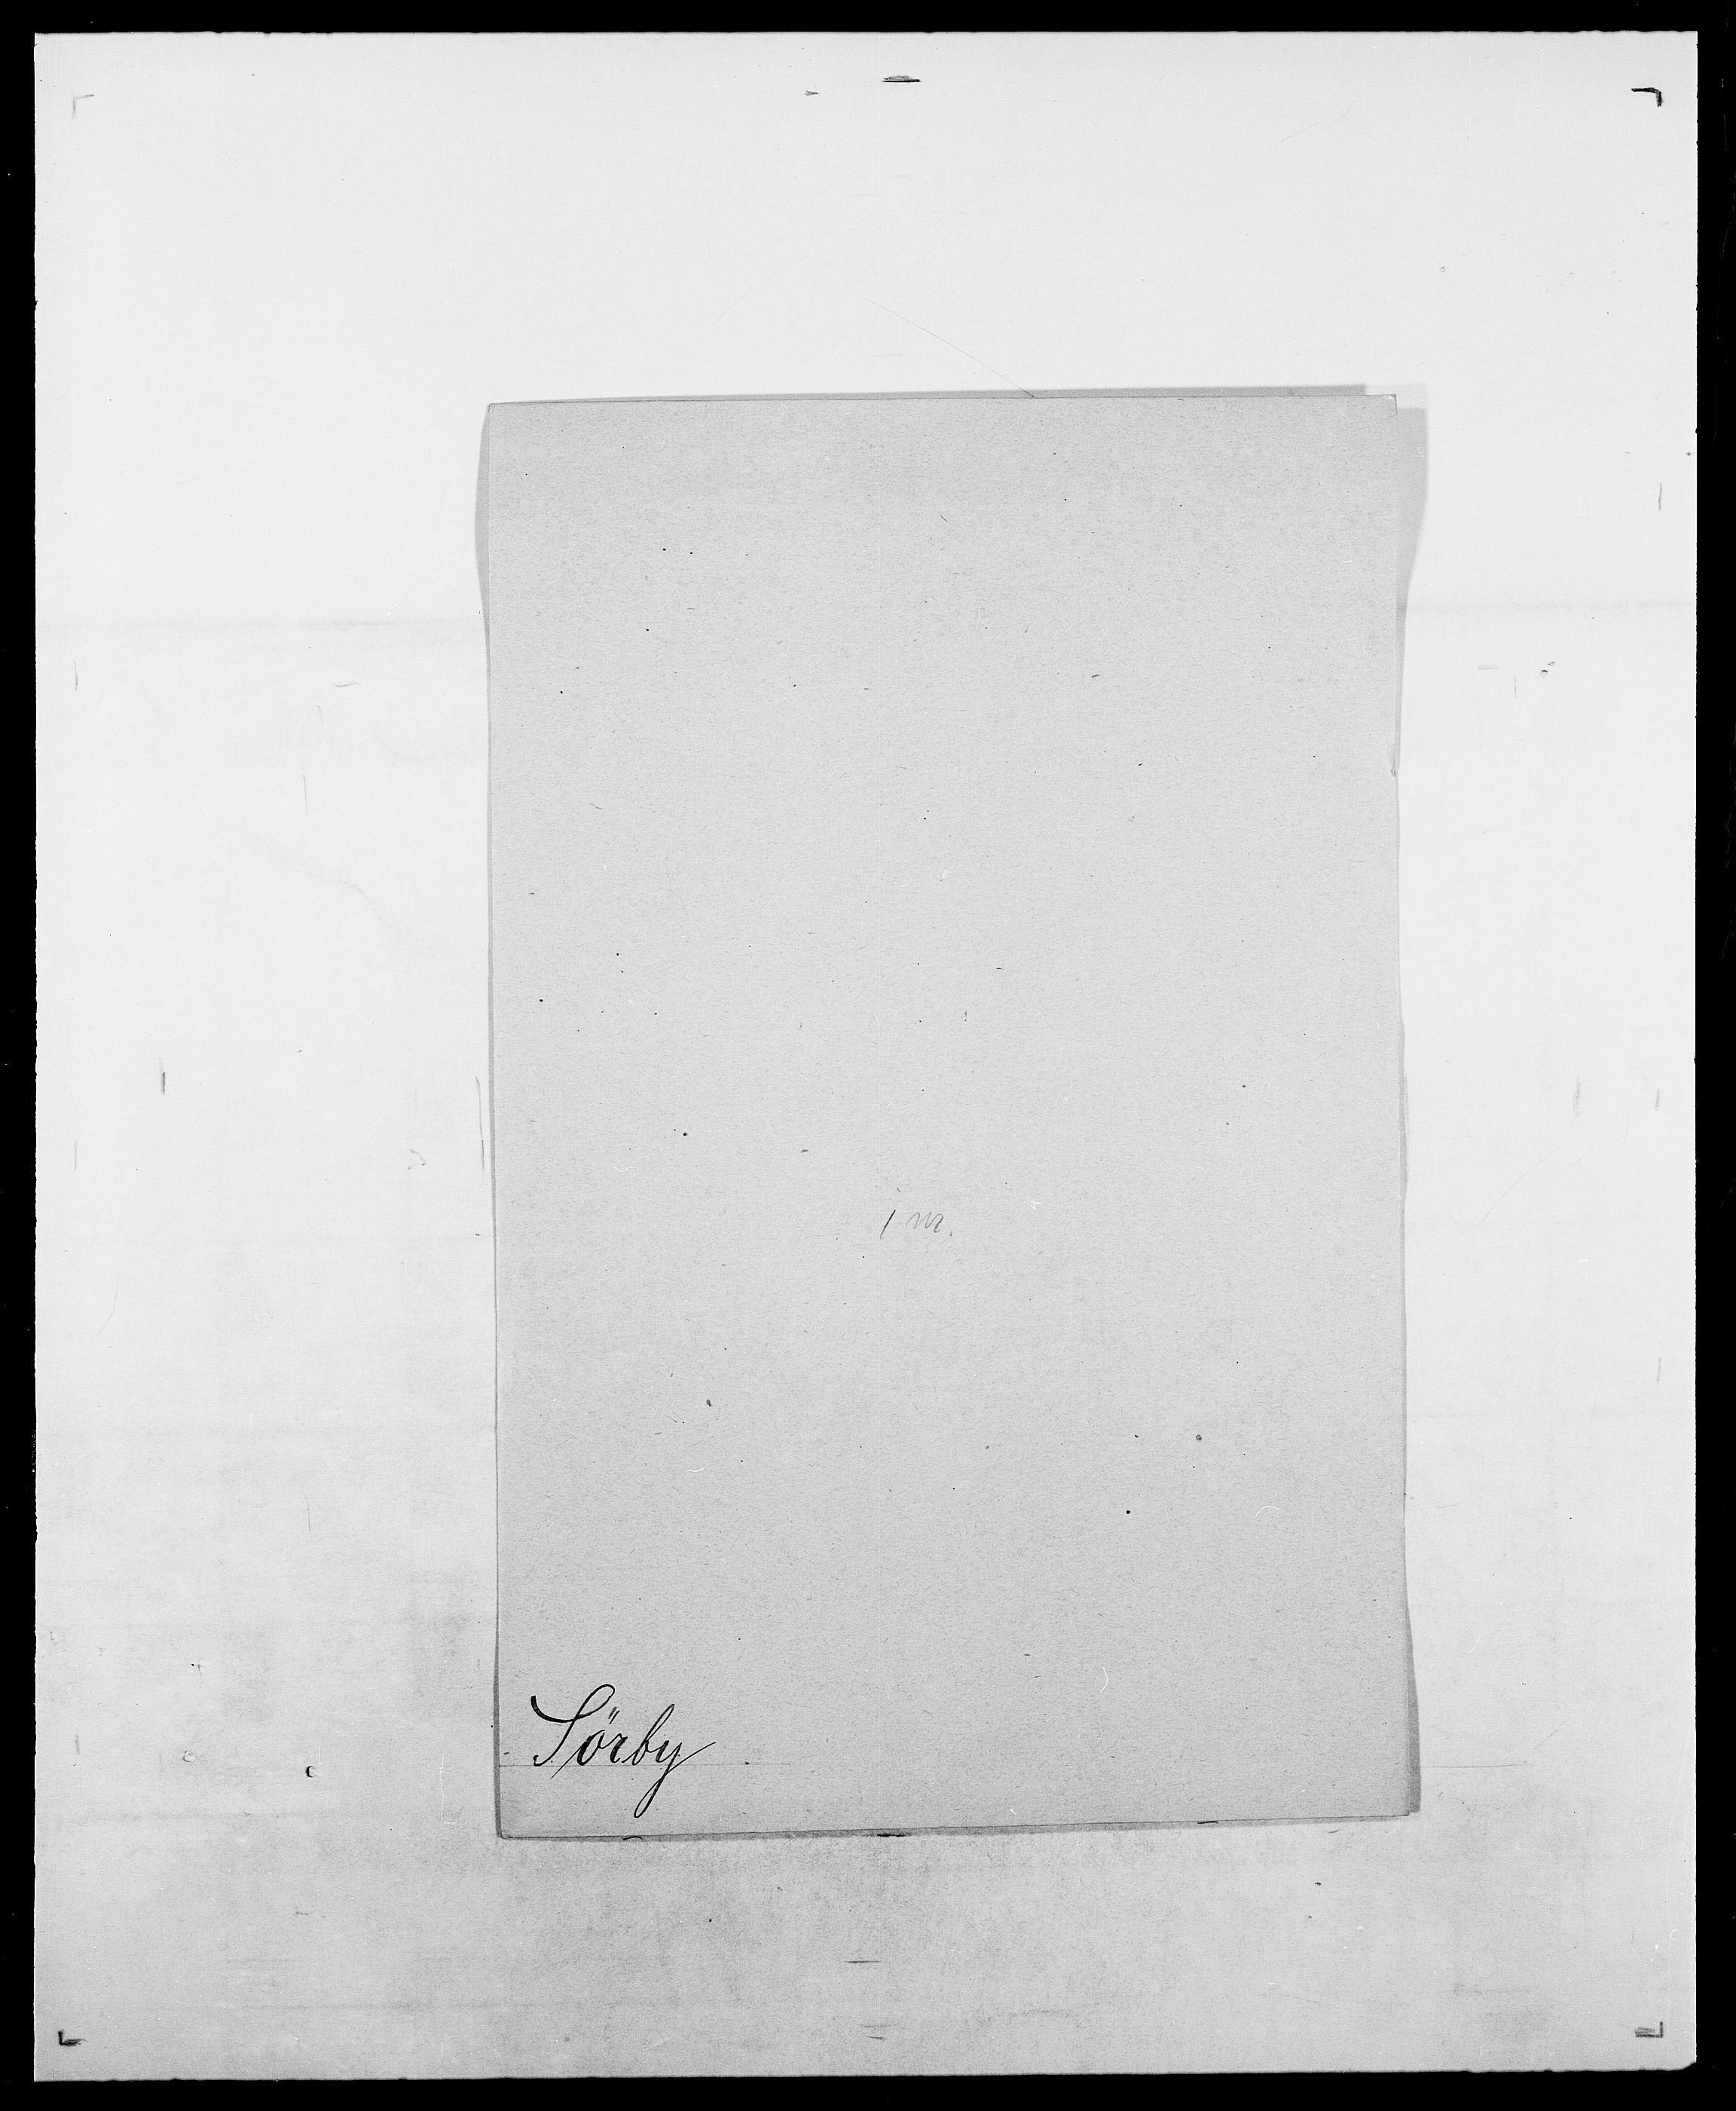 SAO, Delgobe, Charles Antoine - samling, D/Da/L0038: Svanenskjold - Thornsohn, s. 206